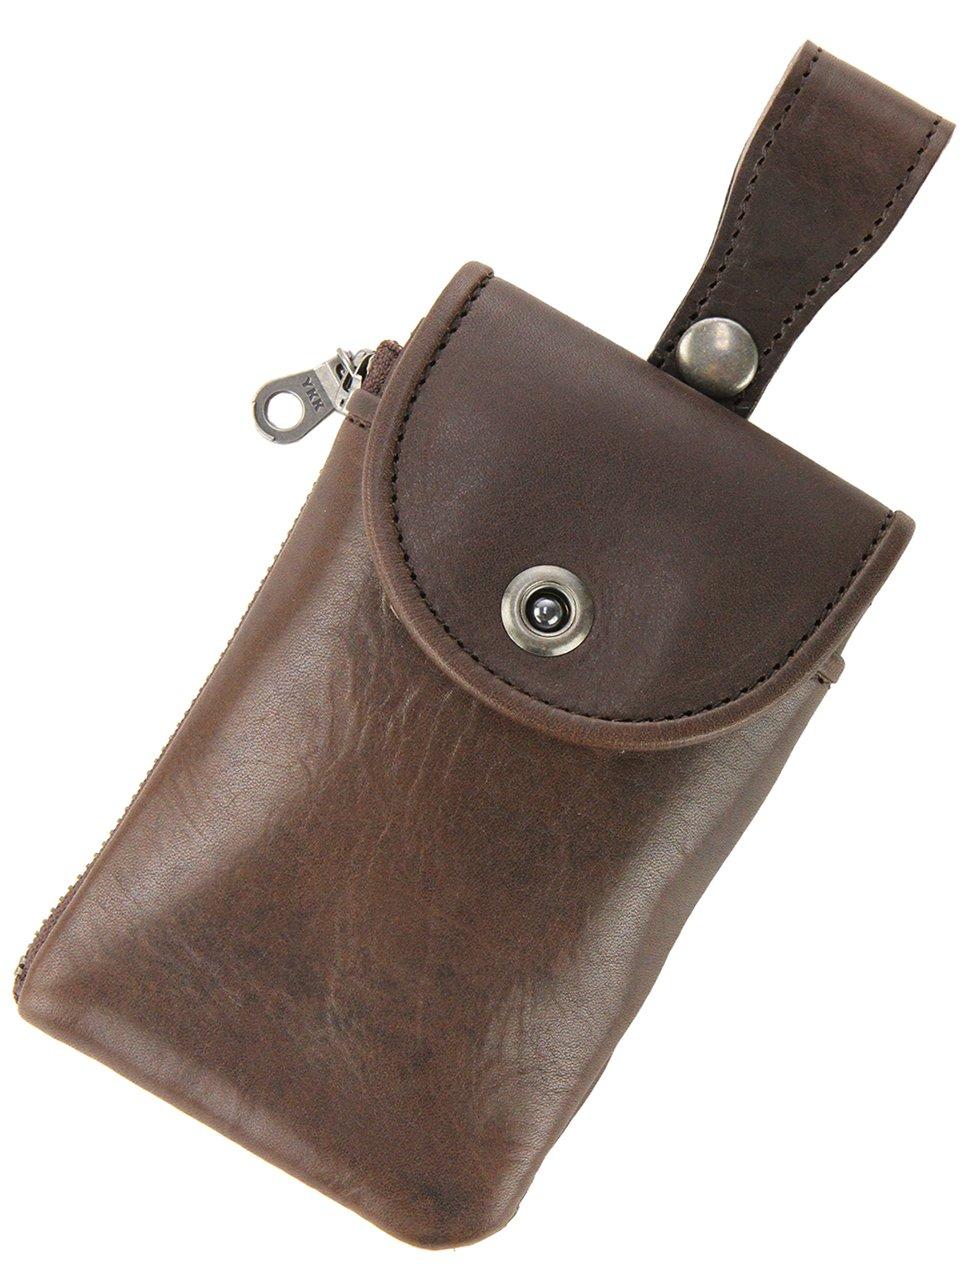 [バギーポート] BAGGY PORT オイルバケッタ スマートフォンケース iPhoneケース BP-DHAM-900 B01GRF5678 ブラウン ブラウン